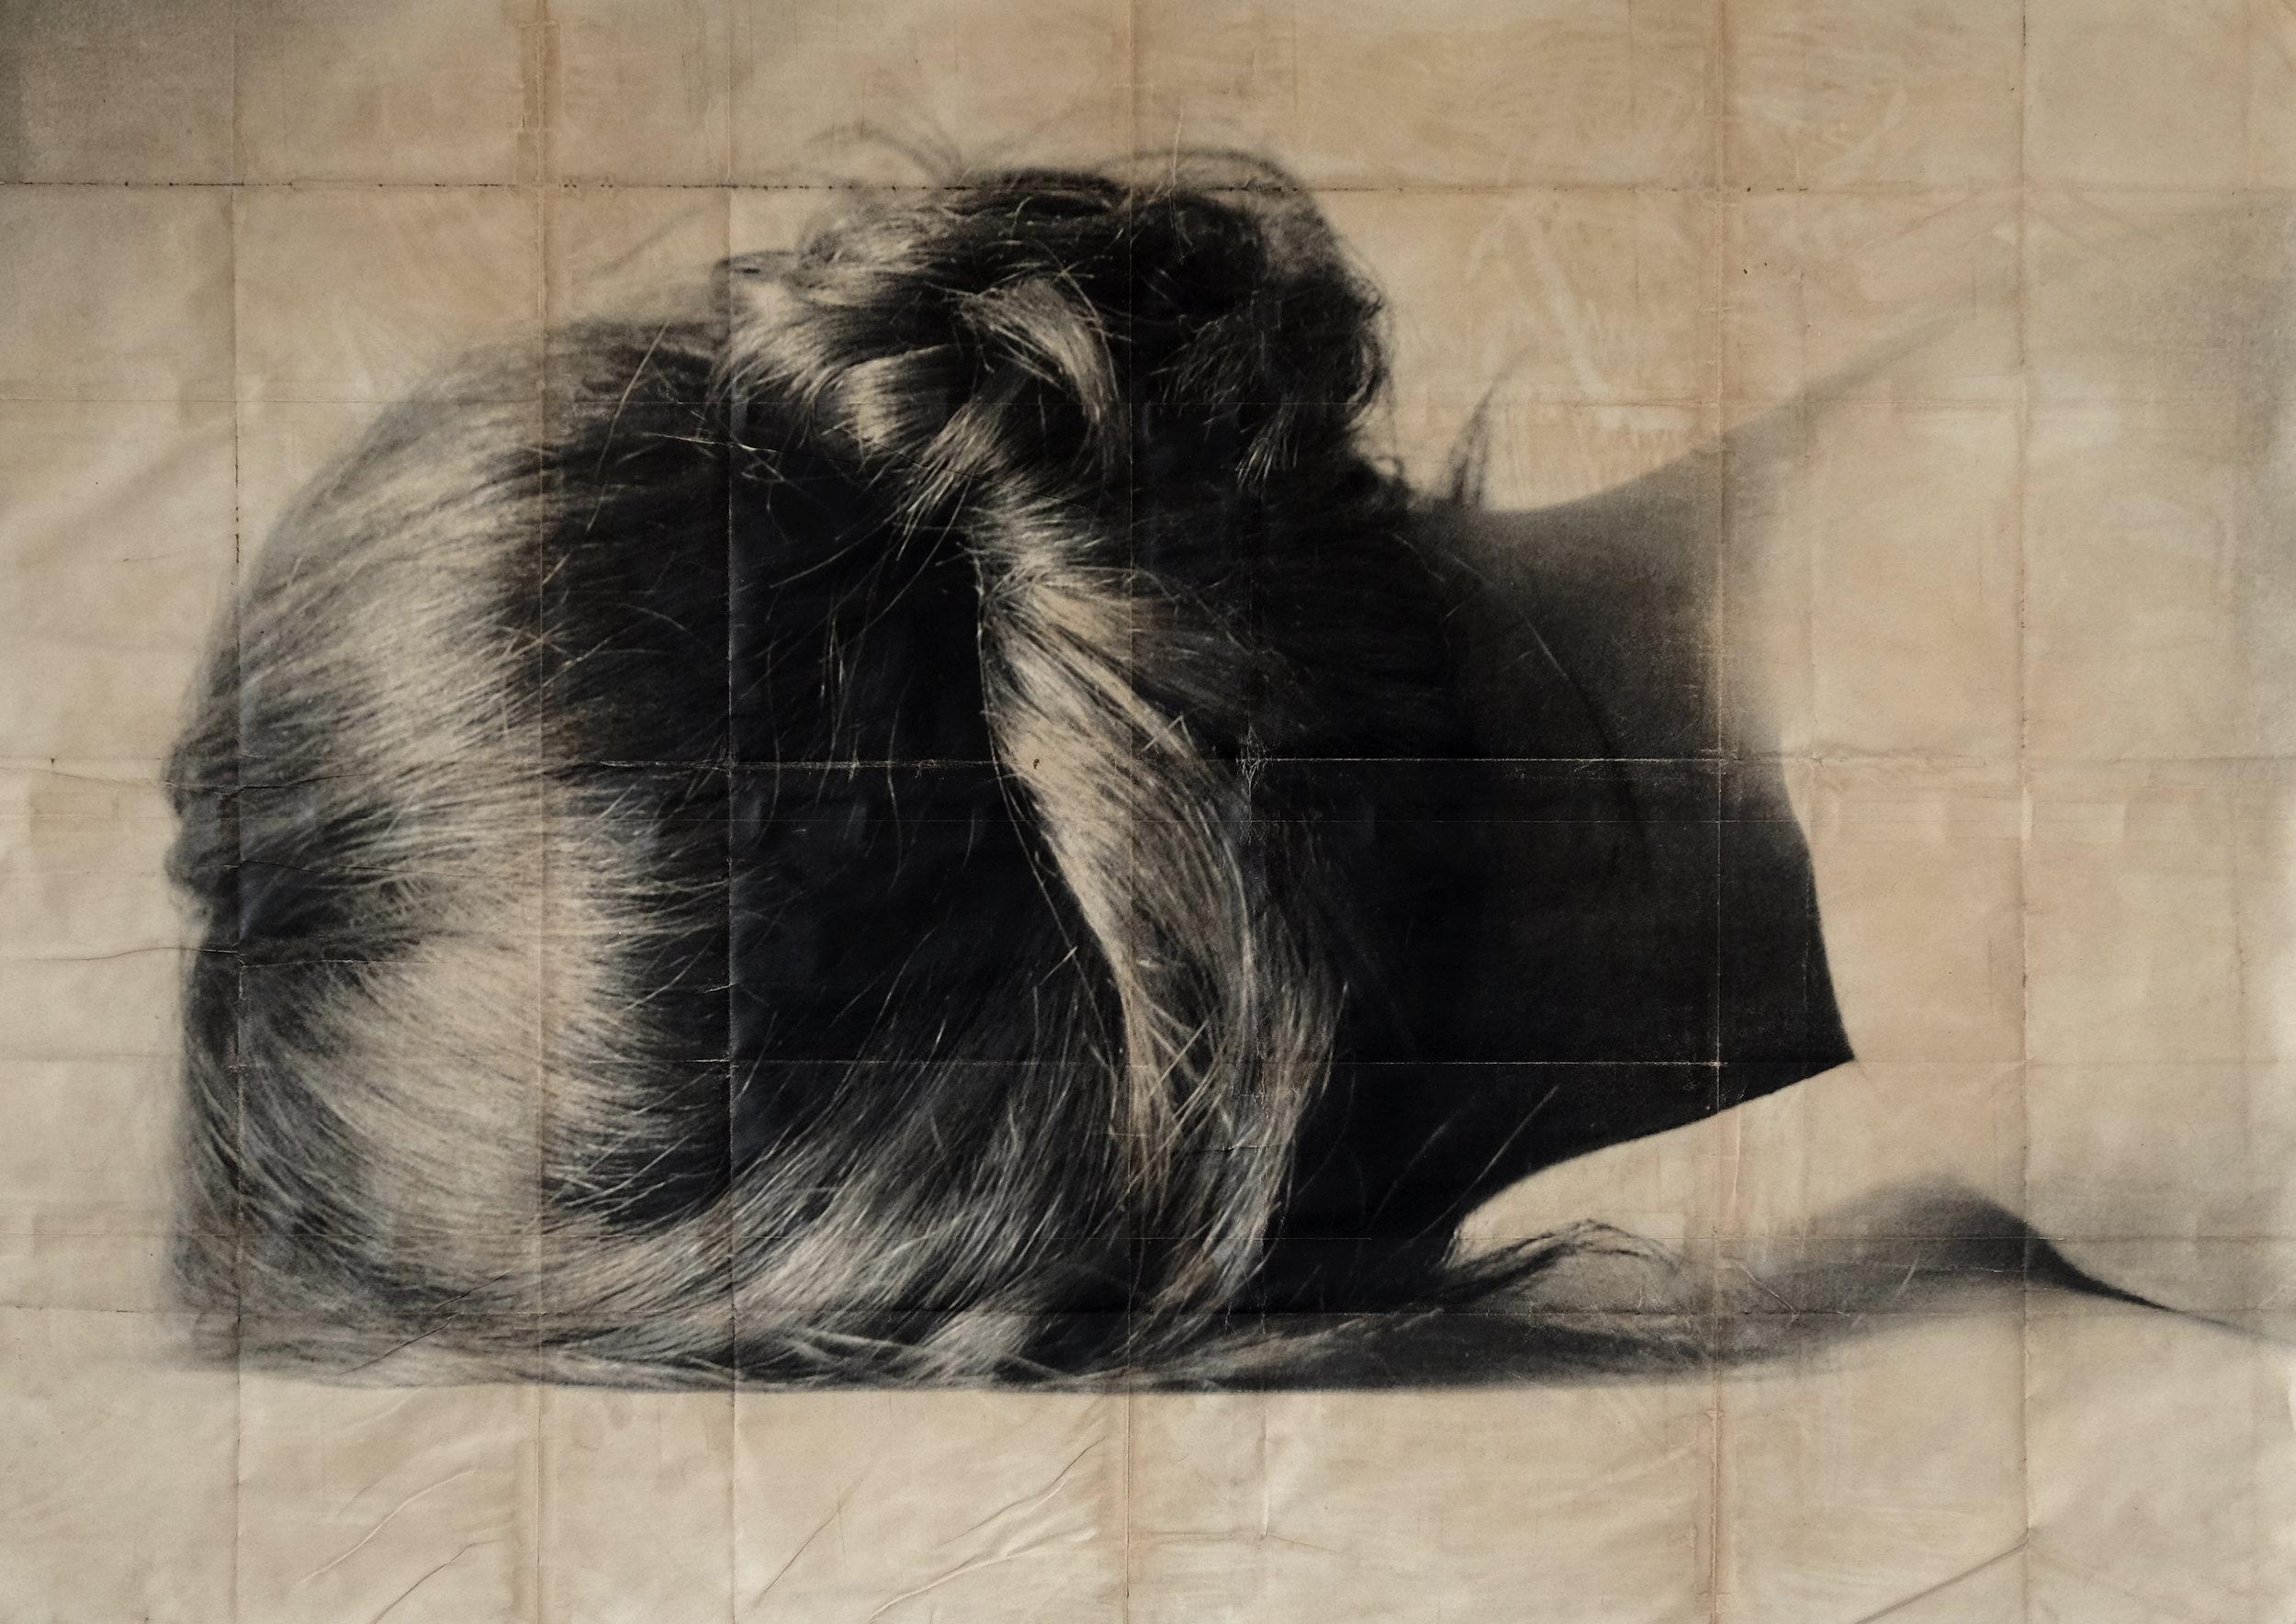 María espalda by Patricio Reig